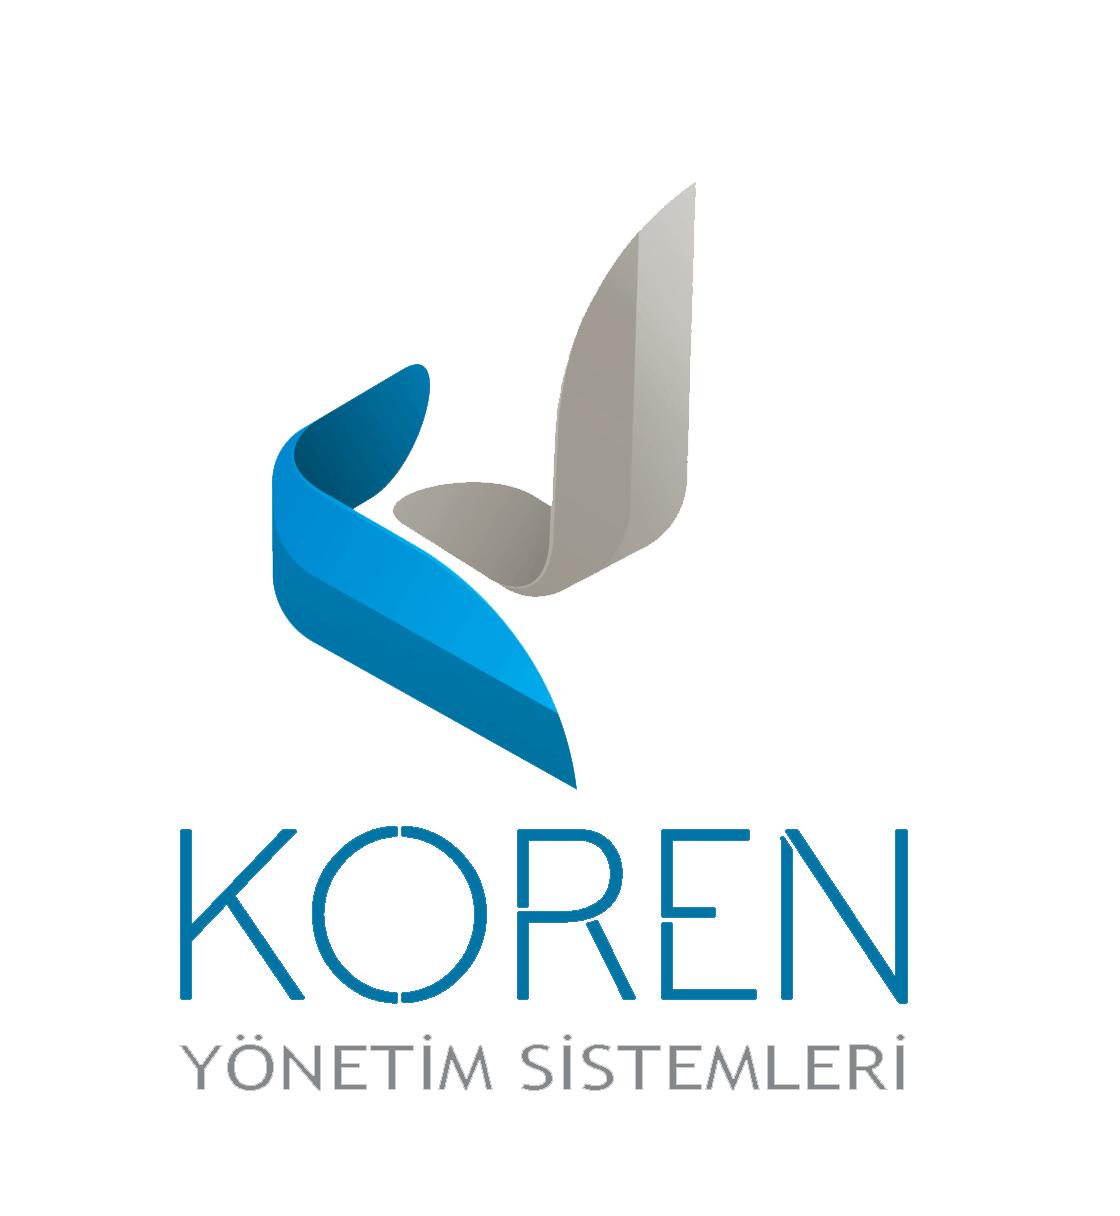 Koren Yönetim Sistemleri